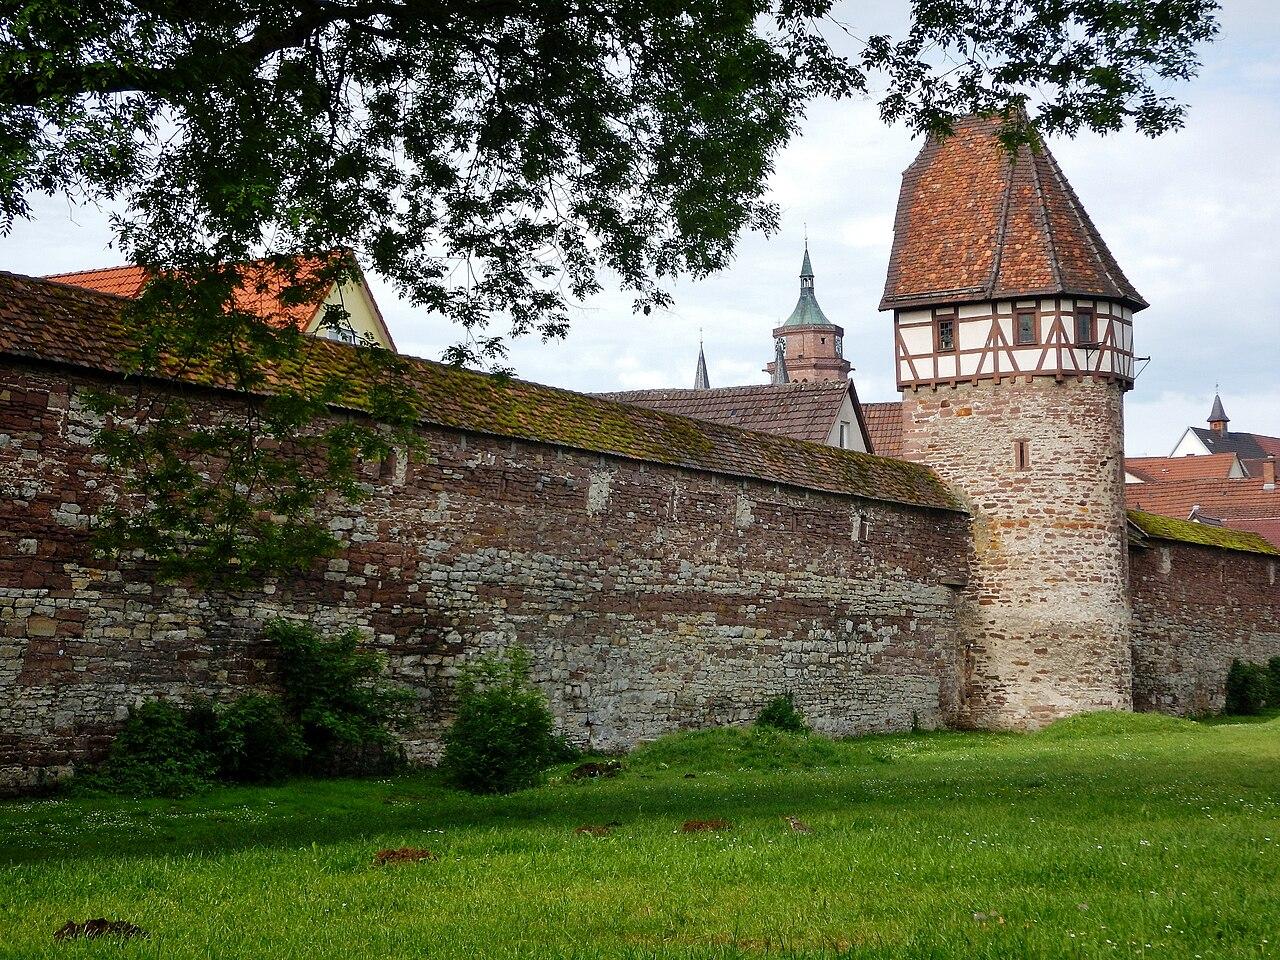 Datei:Stadtmauer In Weil Der Stadt